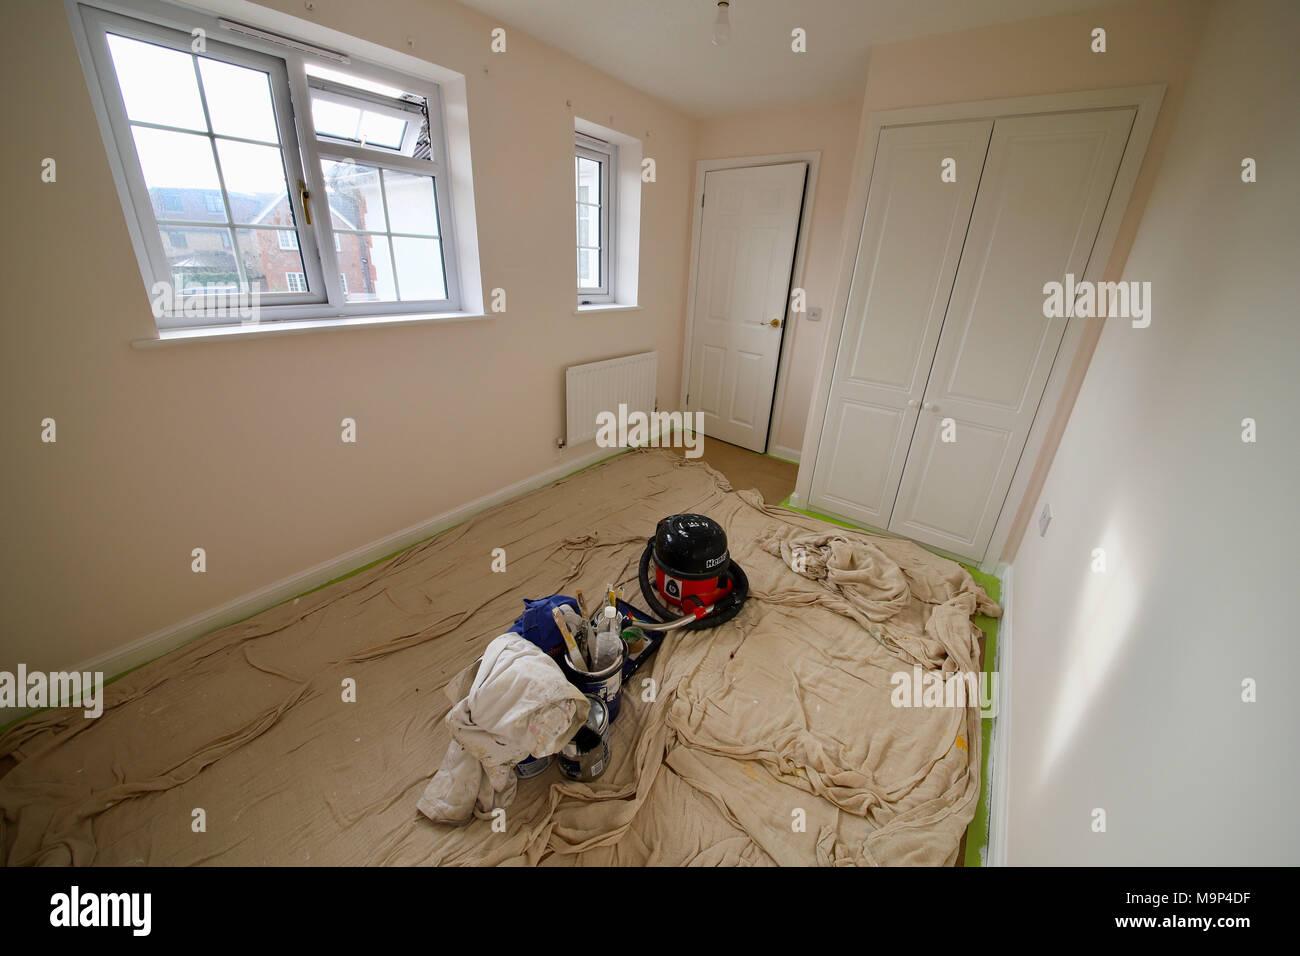 UK Ostern Feiertag/Ferien Tochter Schlafzimmer Renovierung Projekt ...